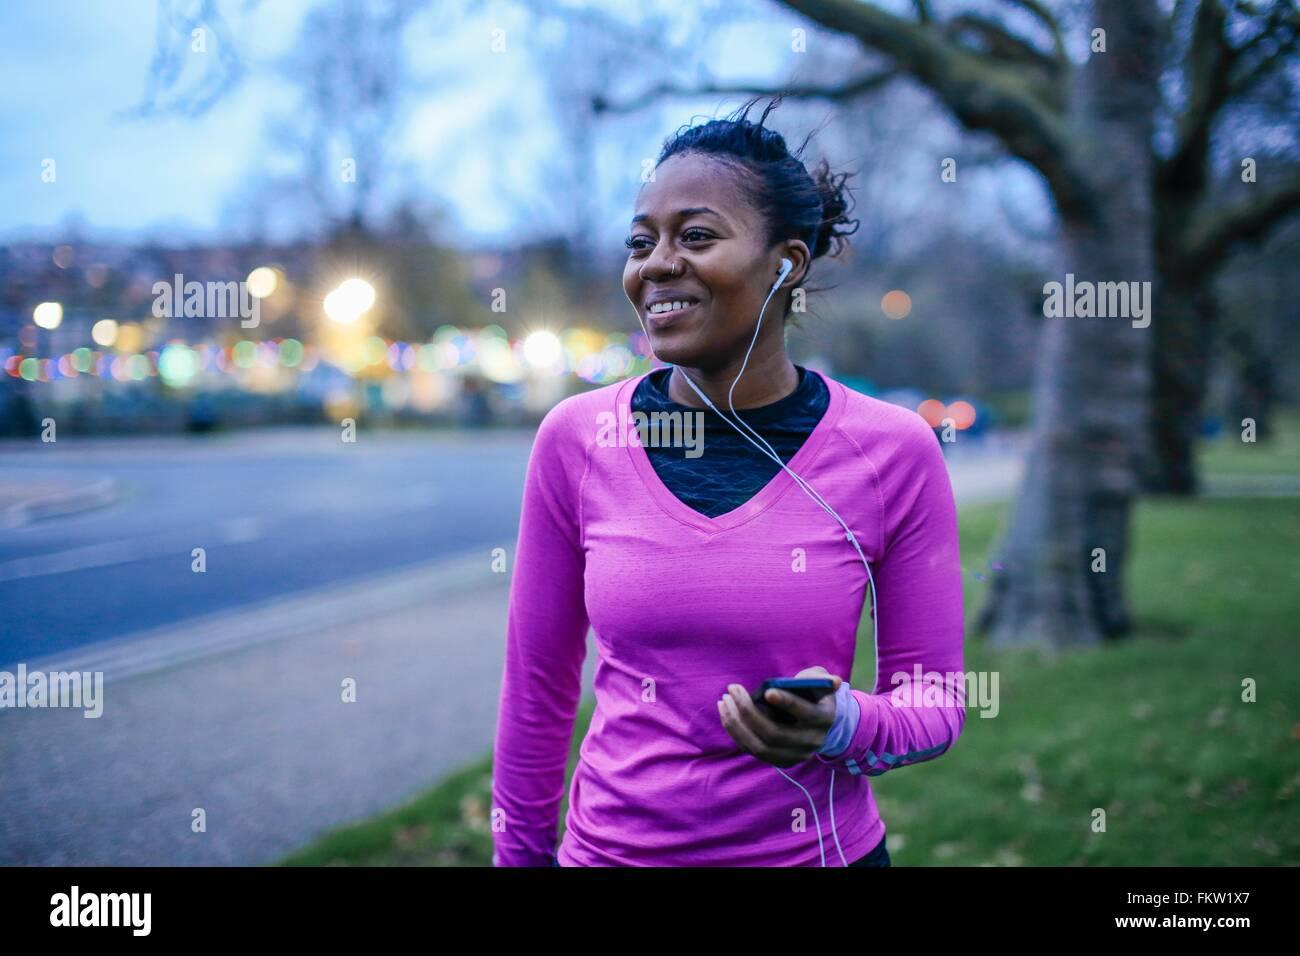 Jeune femme dans l'exercice des vêtements, wearing earphones Photo Stock